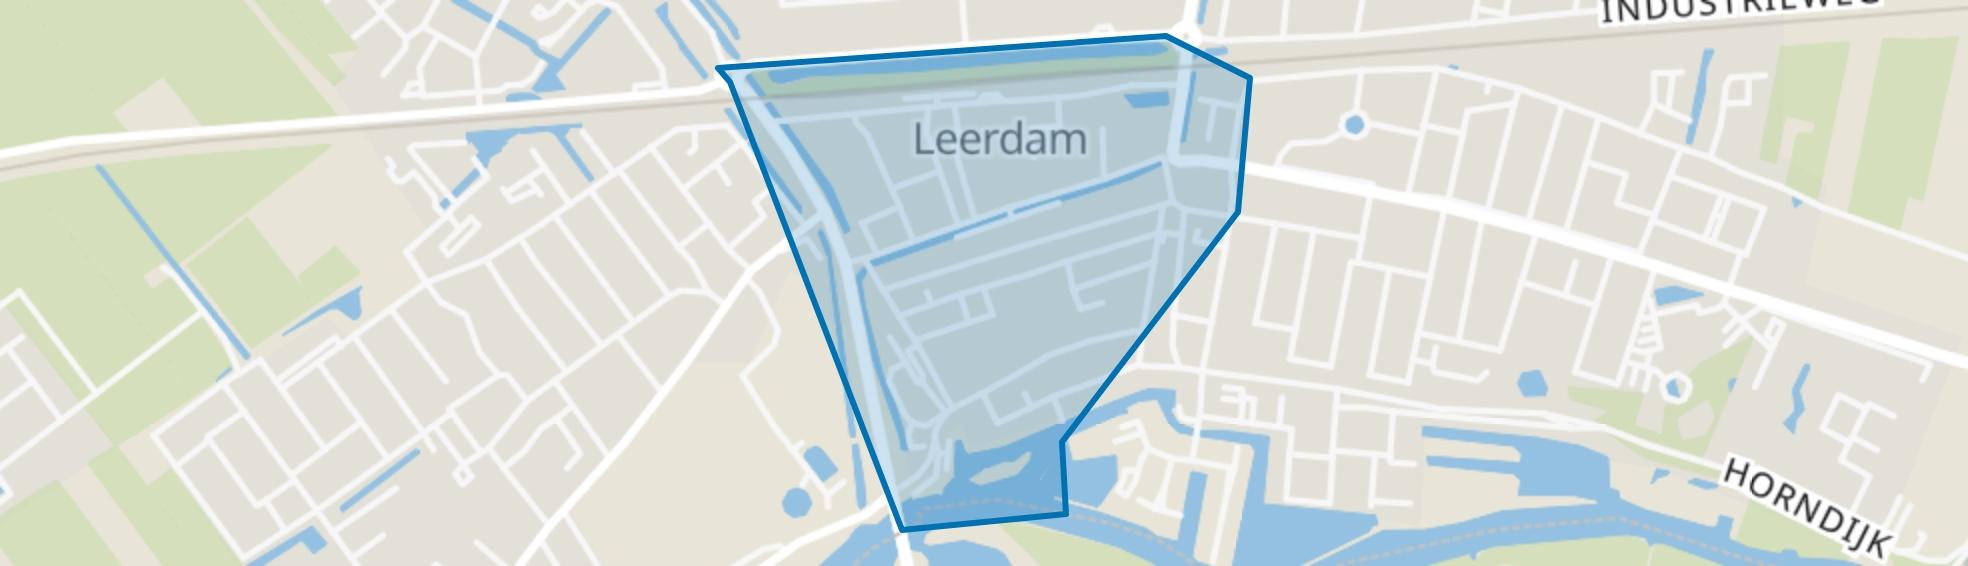 Leerdam-Centrum, Leerdam map